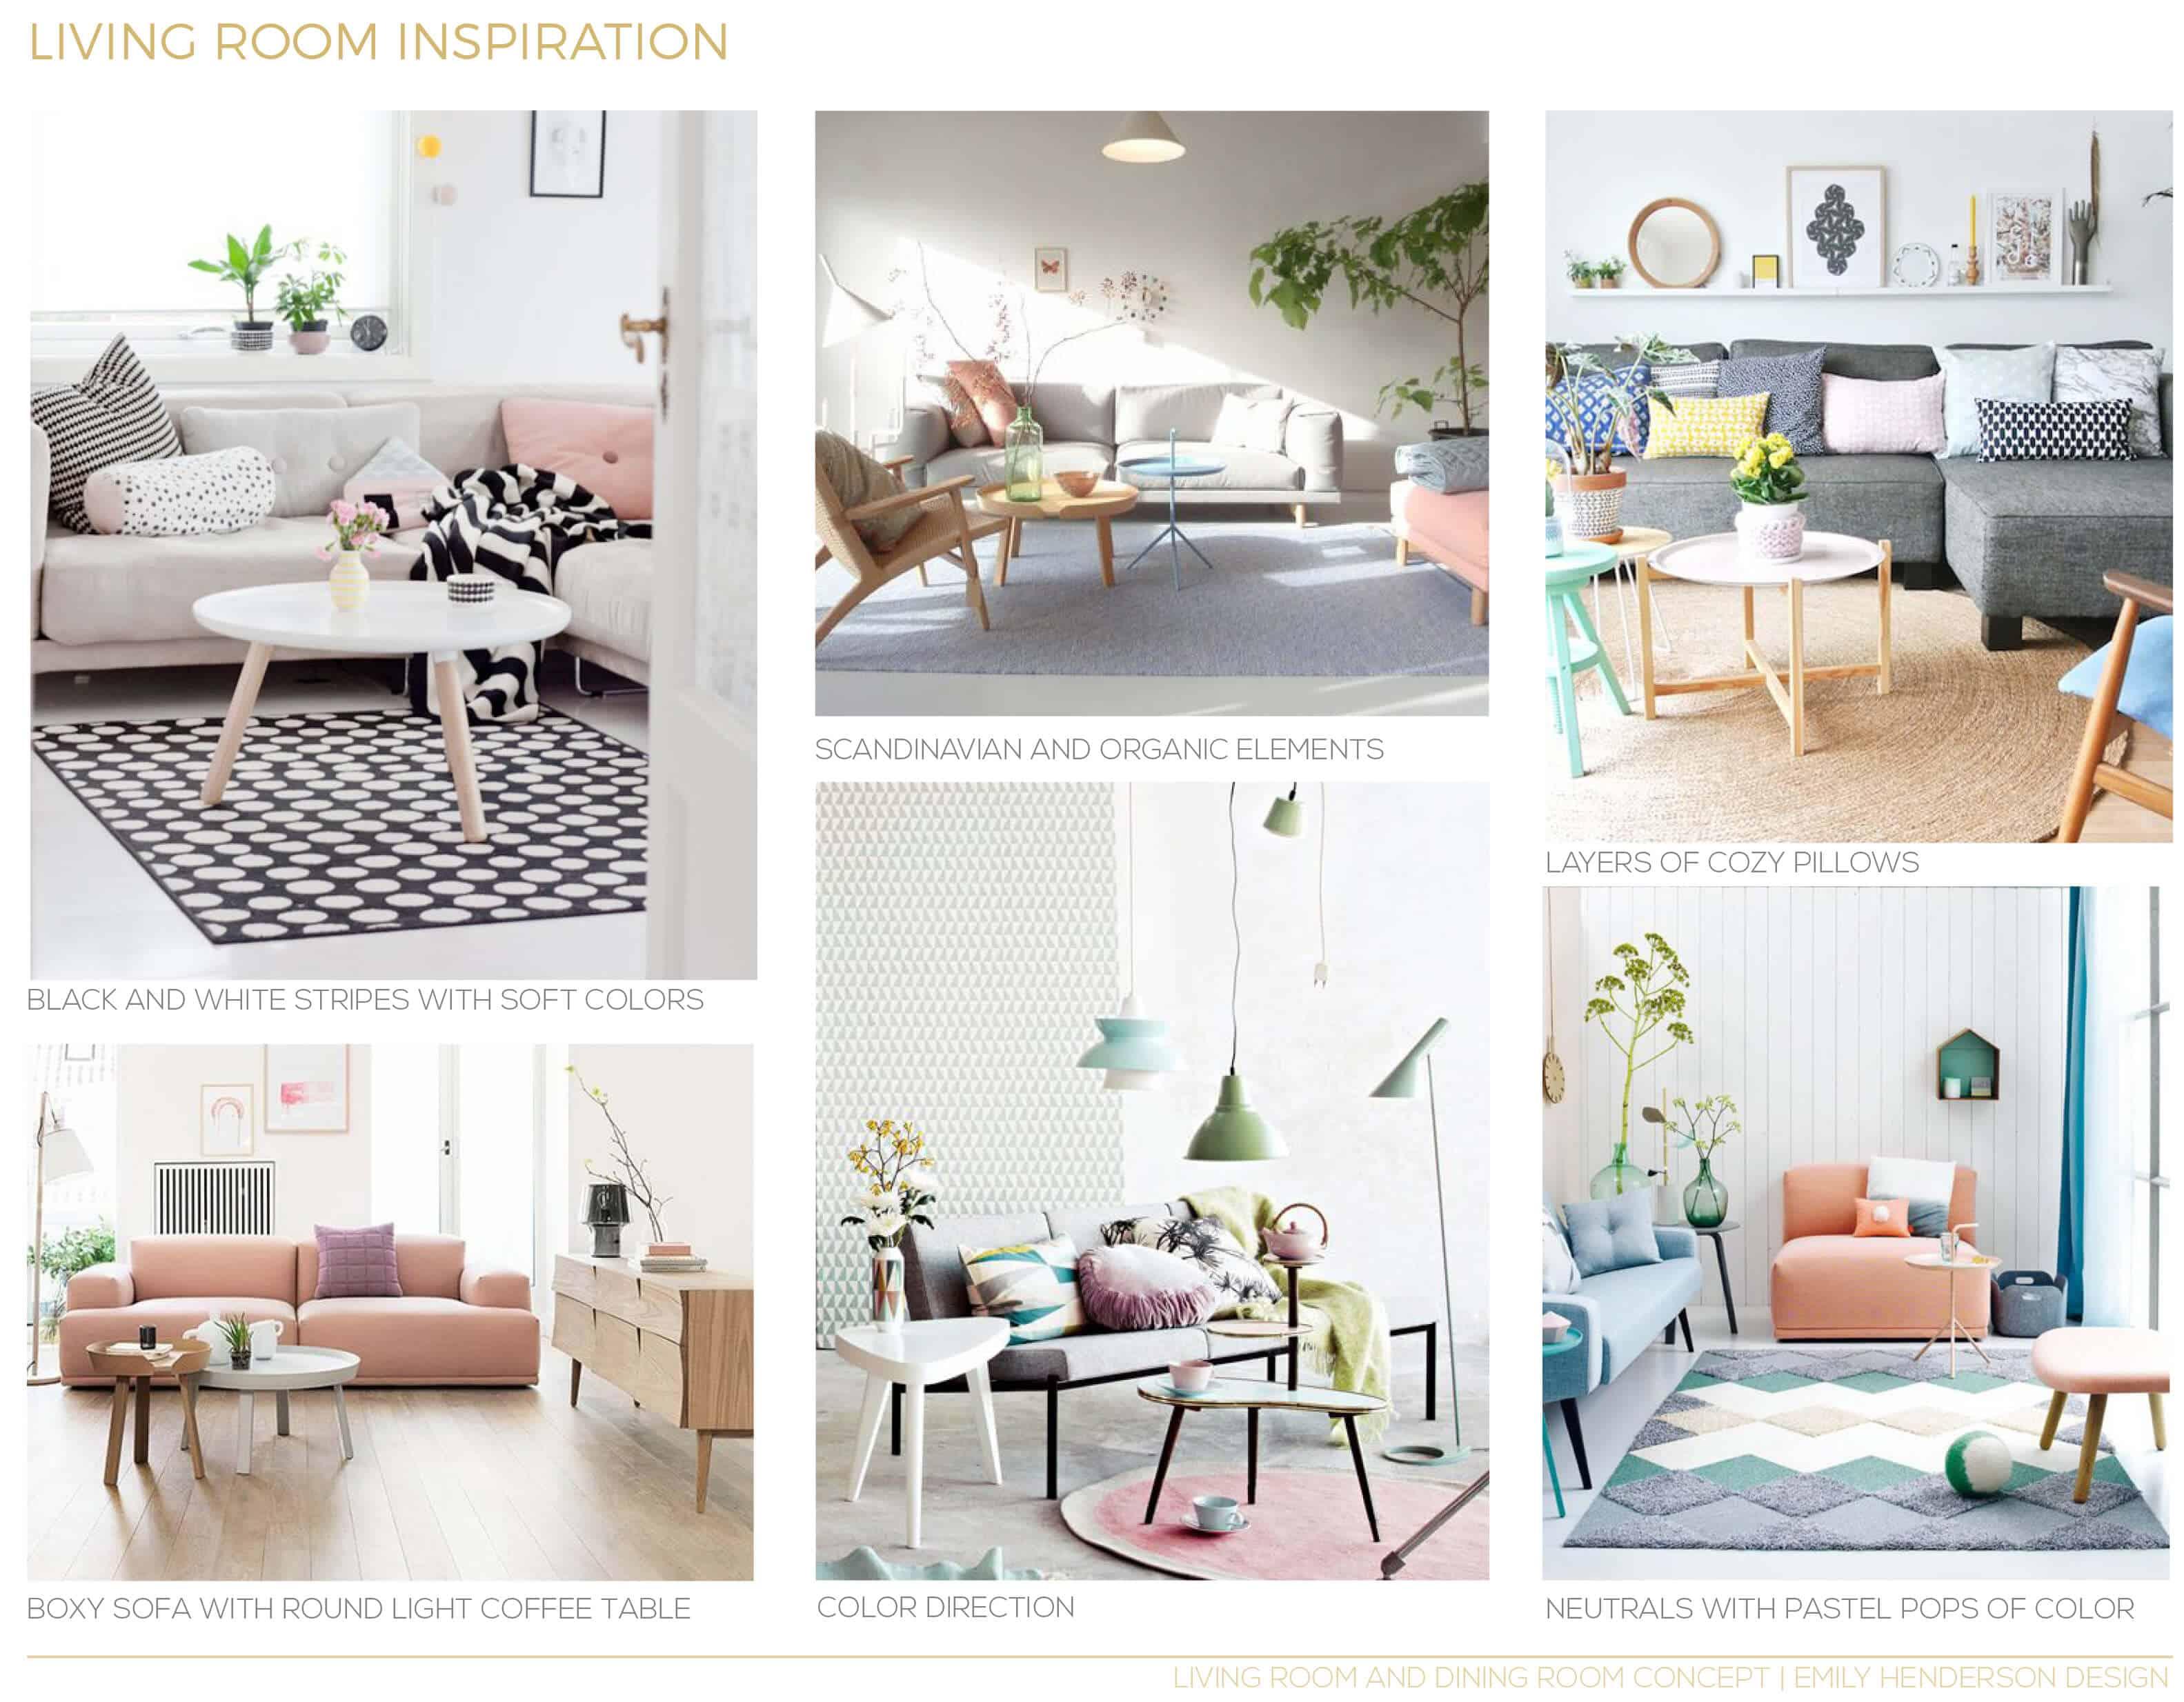 jaime_Derringer_Emily_Henderson_Design_Milk_Living_Room_Inspiration.psd